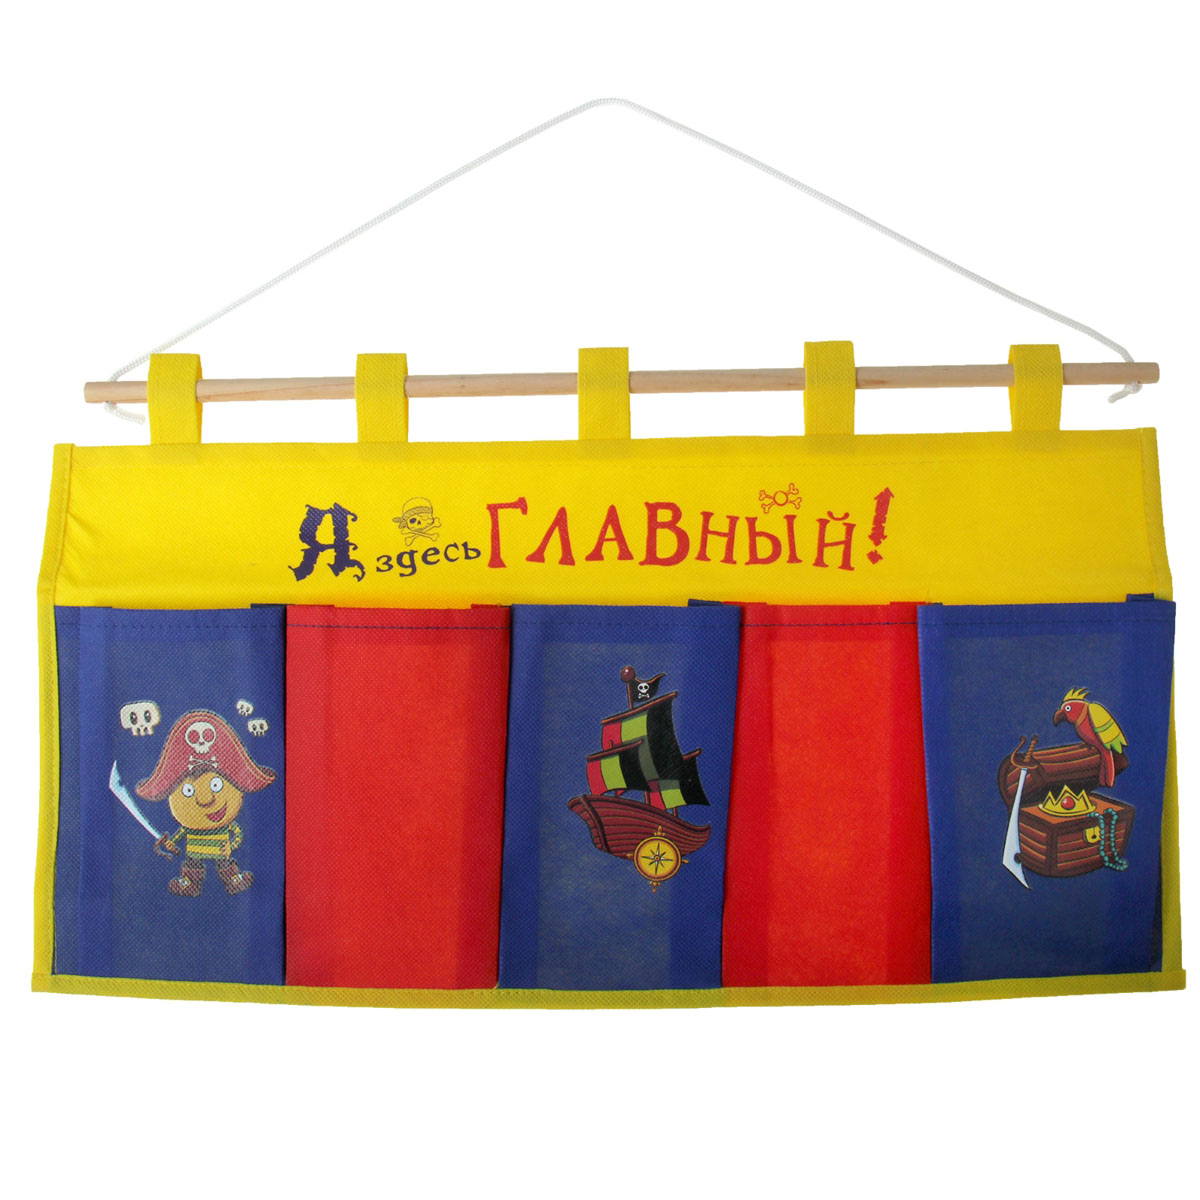 Кармашки на стену Sima-land Я здесь главный, цвет: синий, красный, желтый, 5 штTD 0033Кармашки на стену «Я здесь главный» предназначены для хранения необходимых вещей, множества мелочей в гардеробной, ванной, детской комнатах. Изделие выполнено из текстиля и представляет собой 5 сшитых между собой кармашков на ткани, которые, благодаря 5 петелькам, куда просовывается деревянная палочка на веревке, можно повесить в необходимом для вас и вашего ребенка месте. На кармашках имеются изображения в виде корабля, пирата, сундука и надпись «Я здесь главный!».Этот нужный предмет может стать одновременно и декоративным элементом комнаты. Яркий текстиль, как ничто иное, способен оживить интерьер вашего жилища и сделает каждый день ярче и радостнее.